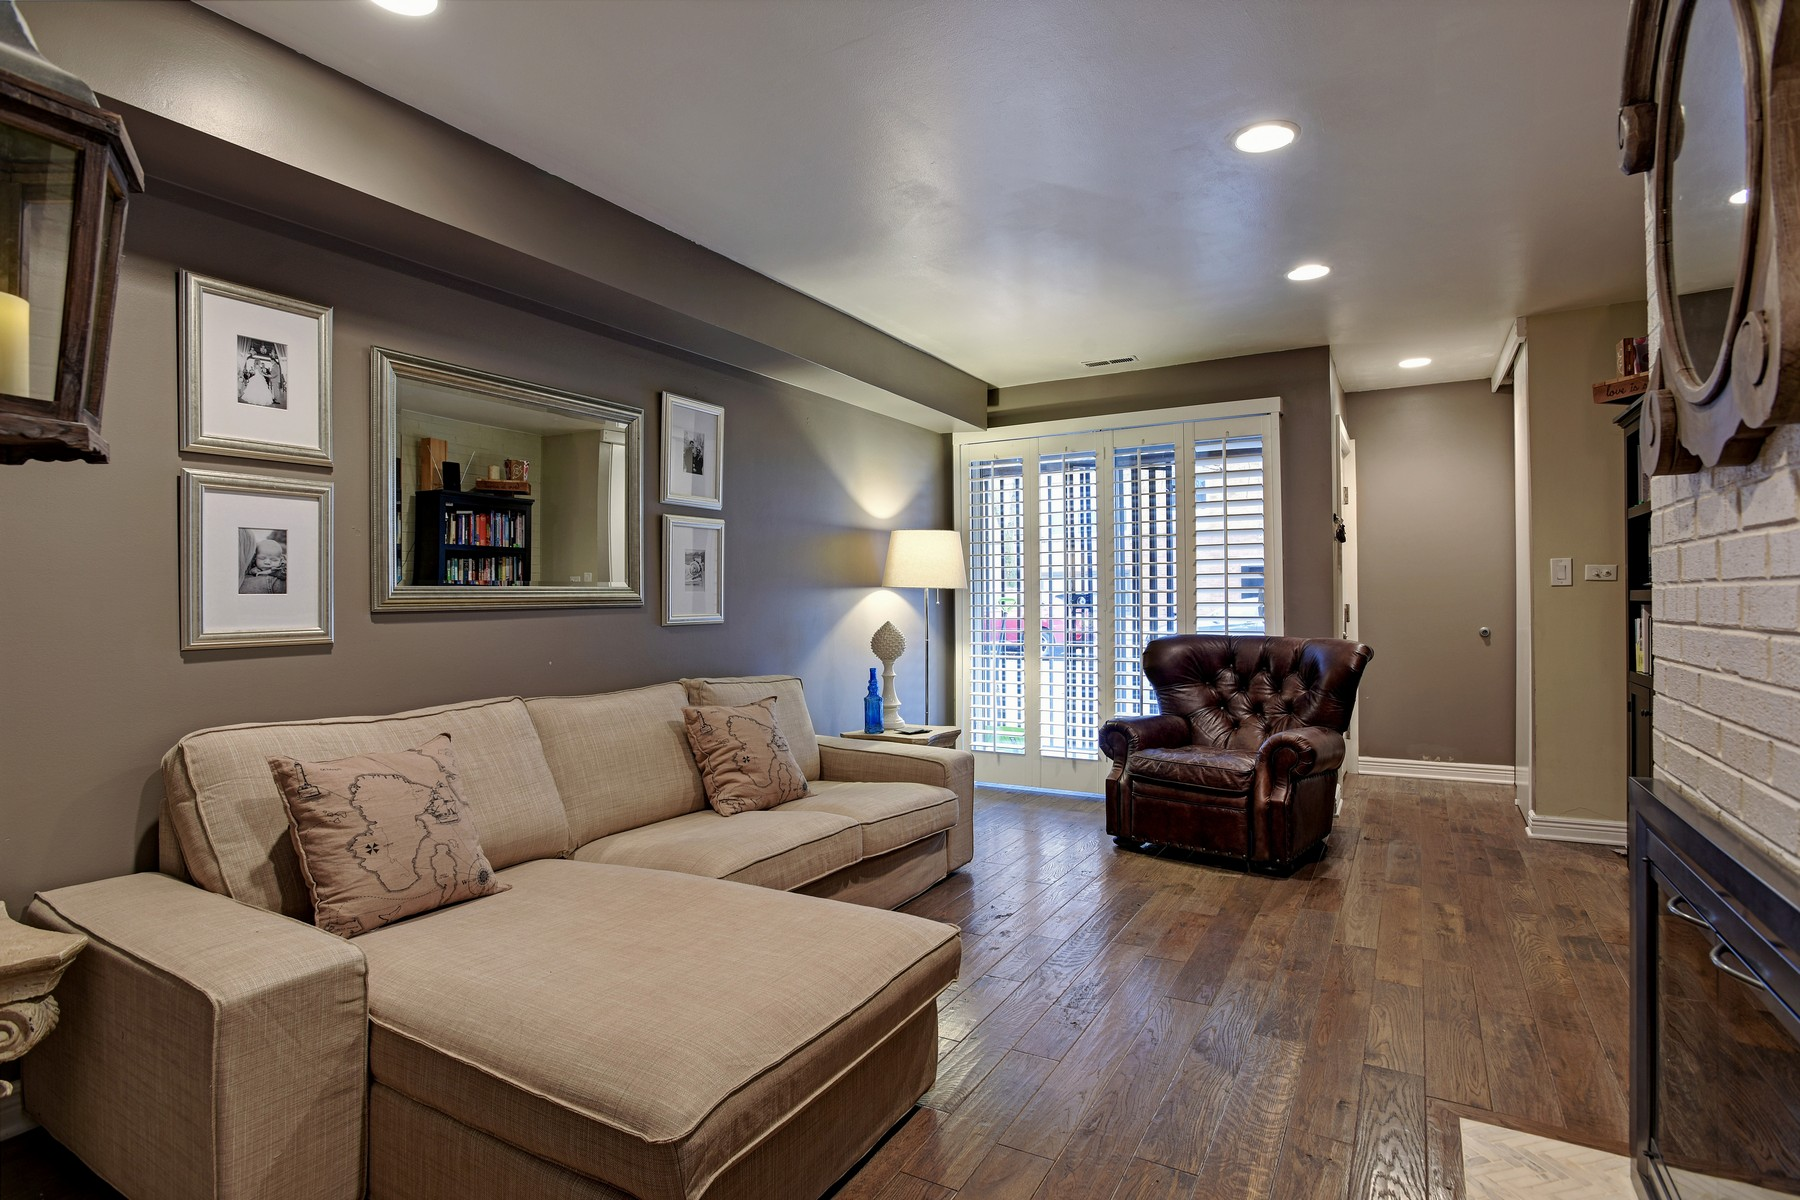 联栋屋 为 销售 在 Lincoln Park Townhouse 538 W Eurgenie Street Lincoln Park, 芝加哥, 伊利诺斯州 60614 美国